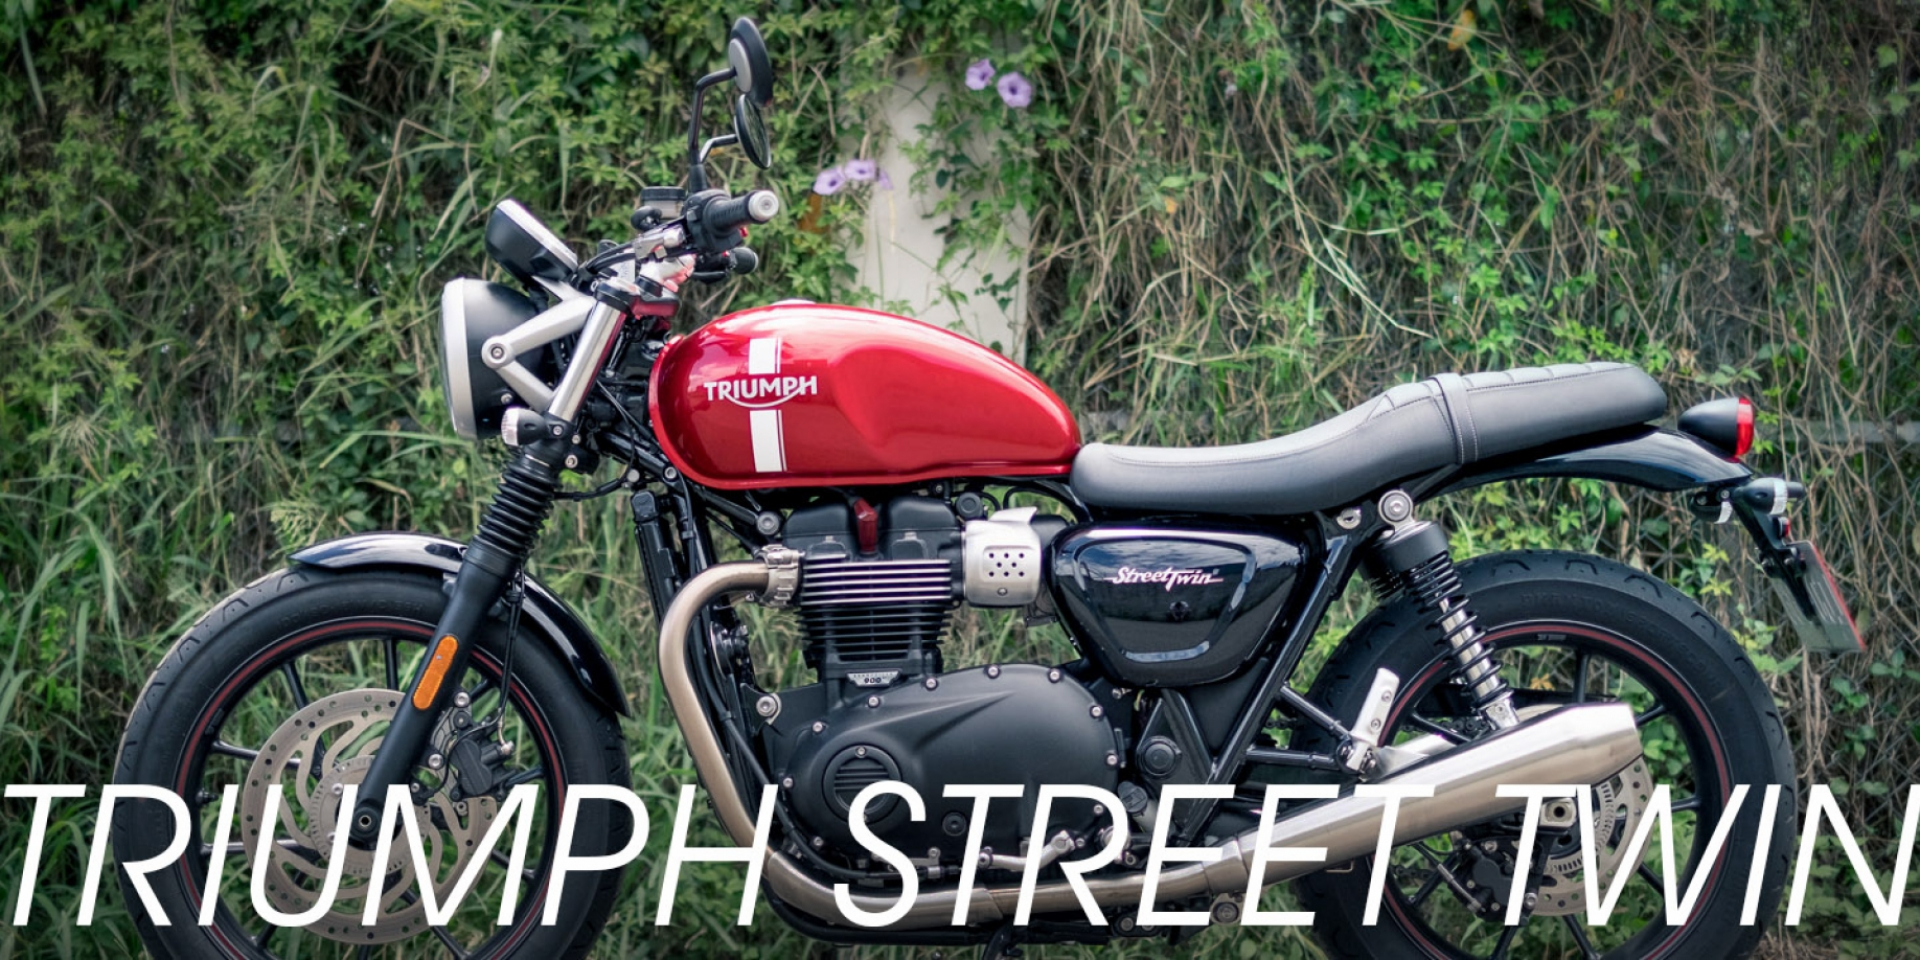 現代化的經典復古TRIUMPH Street Twin